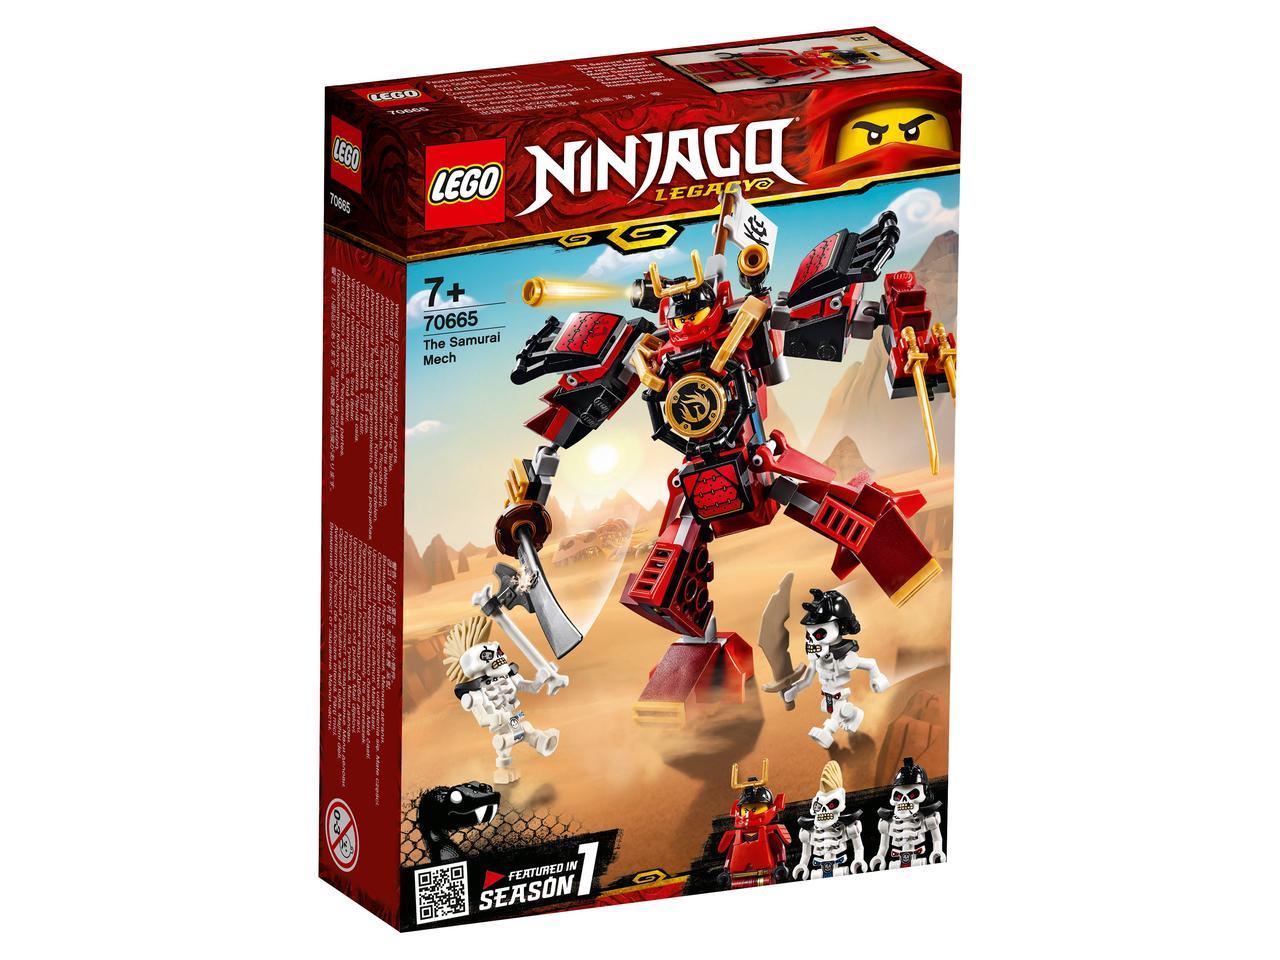 70665 Lego Ninjago Робот-самурай, Лего Ниндзяго